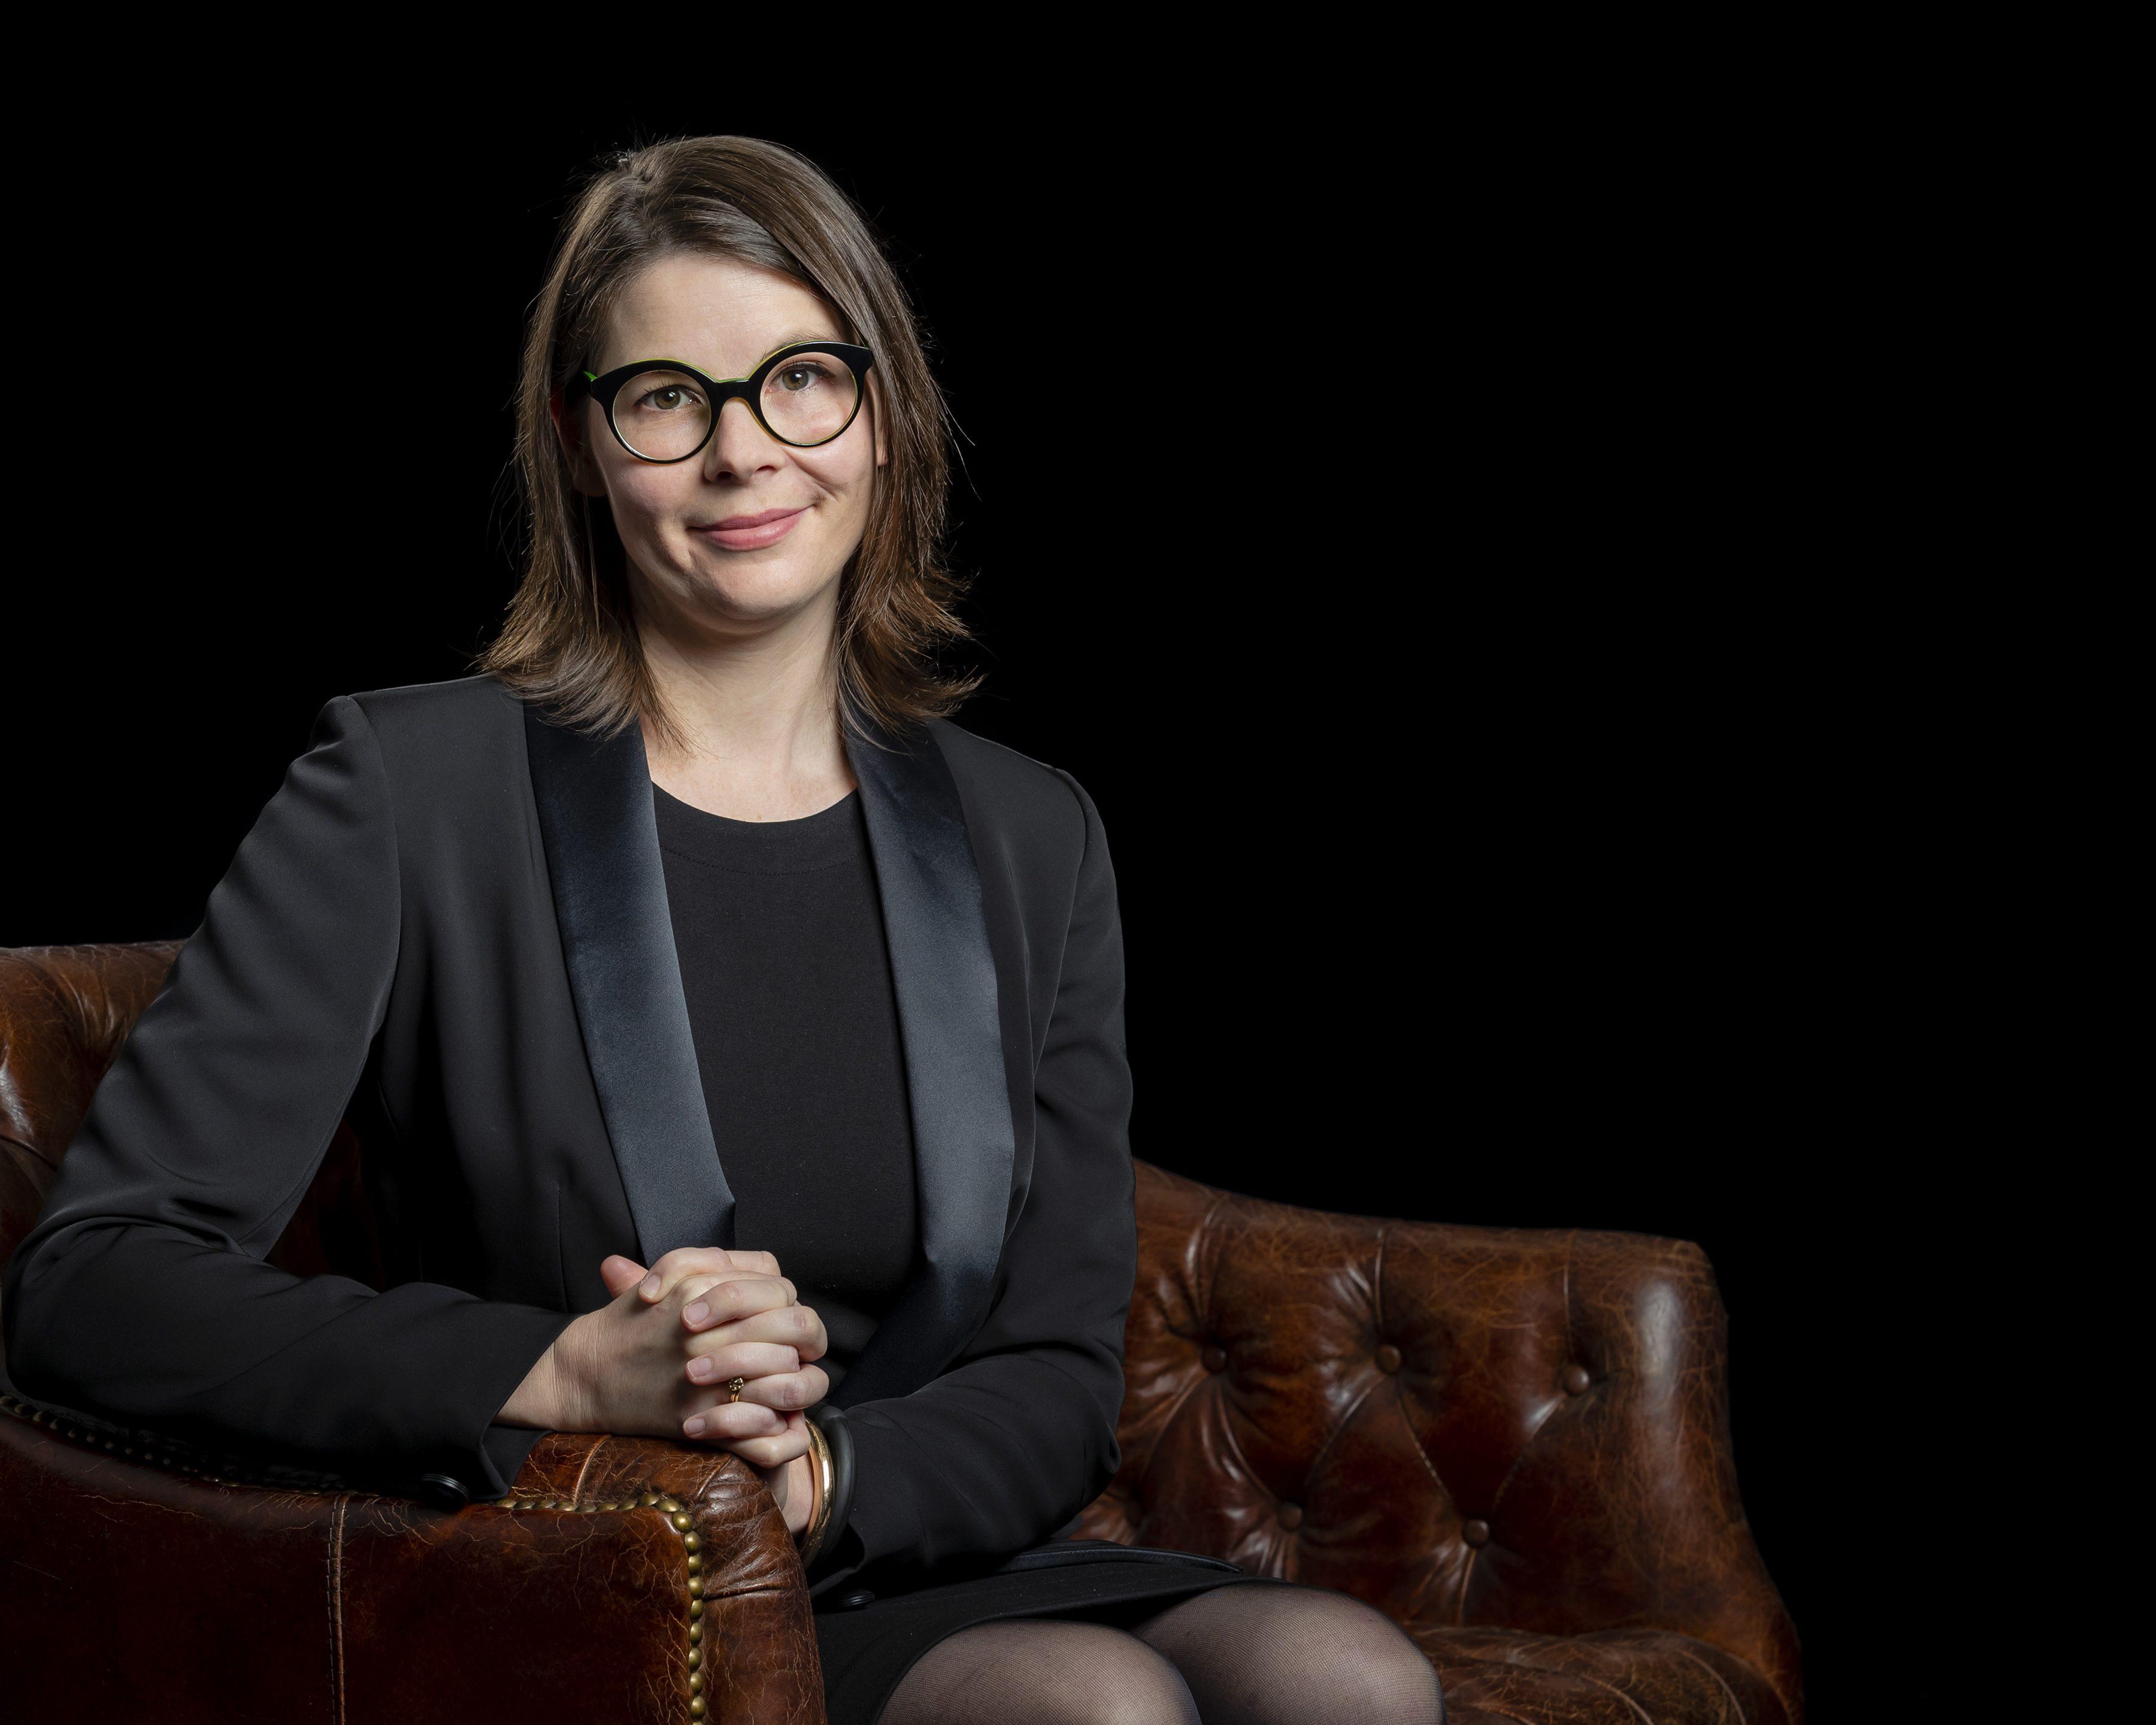 Morgana Brady Portrait 2019